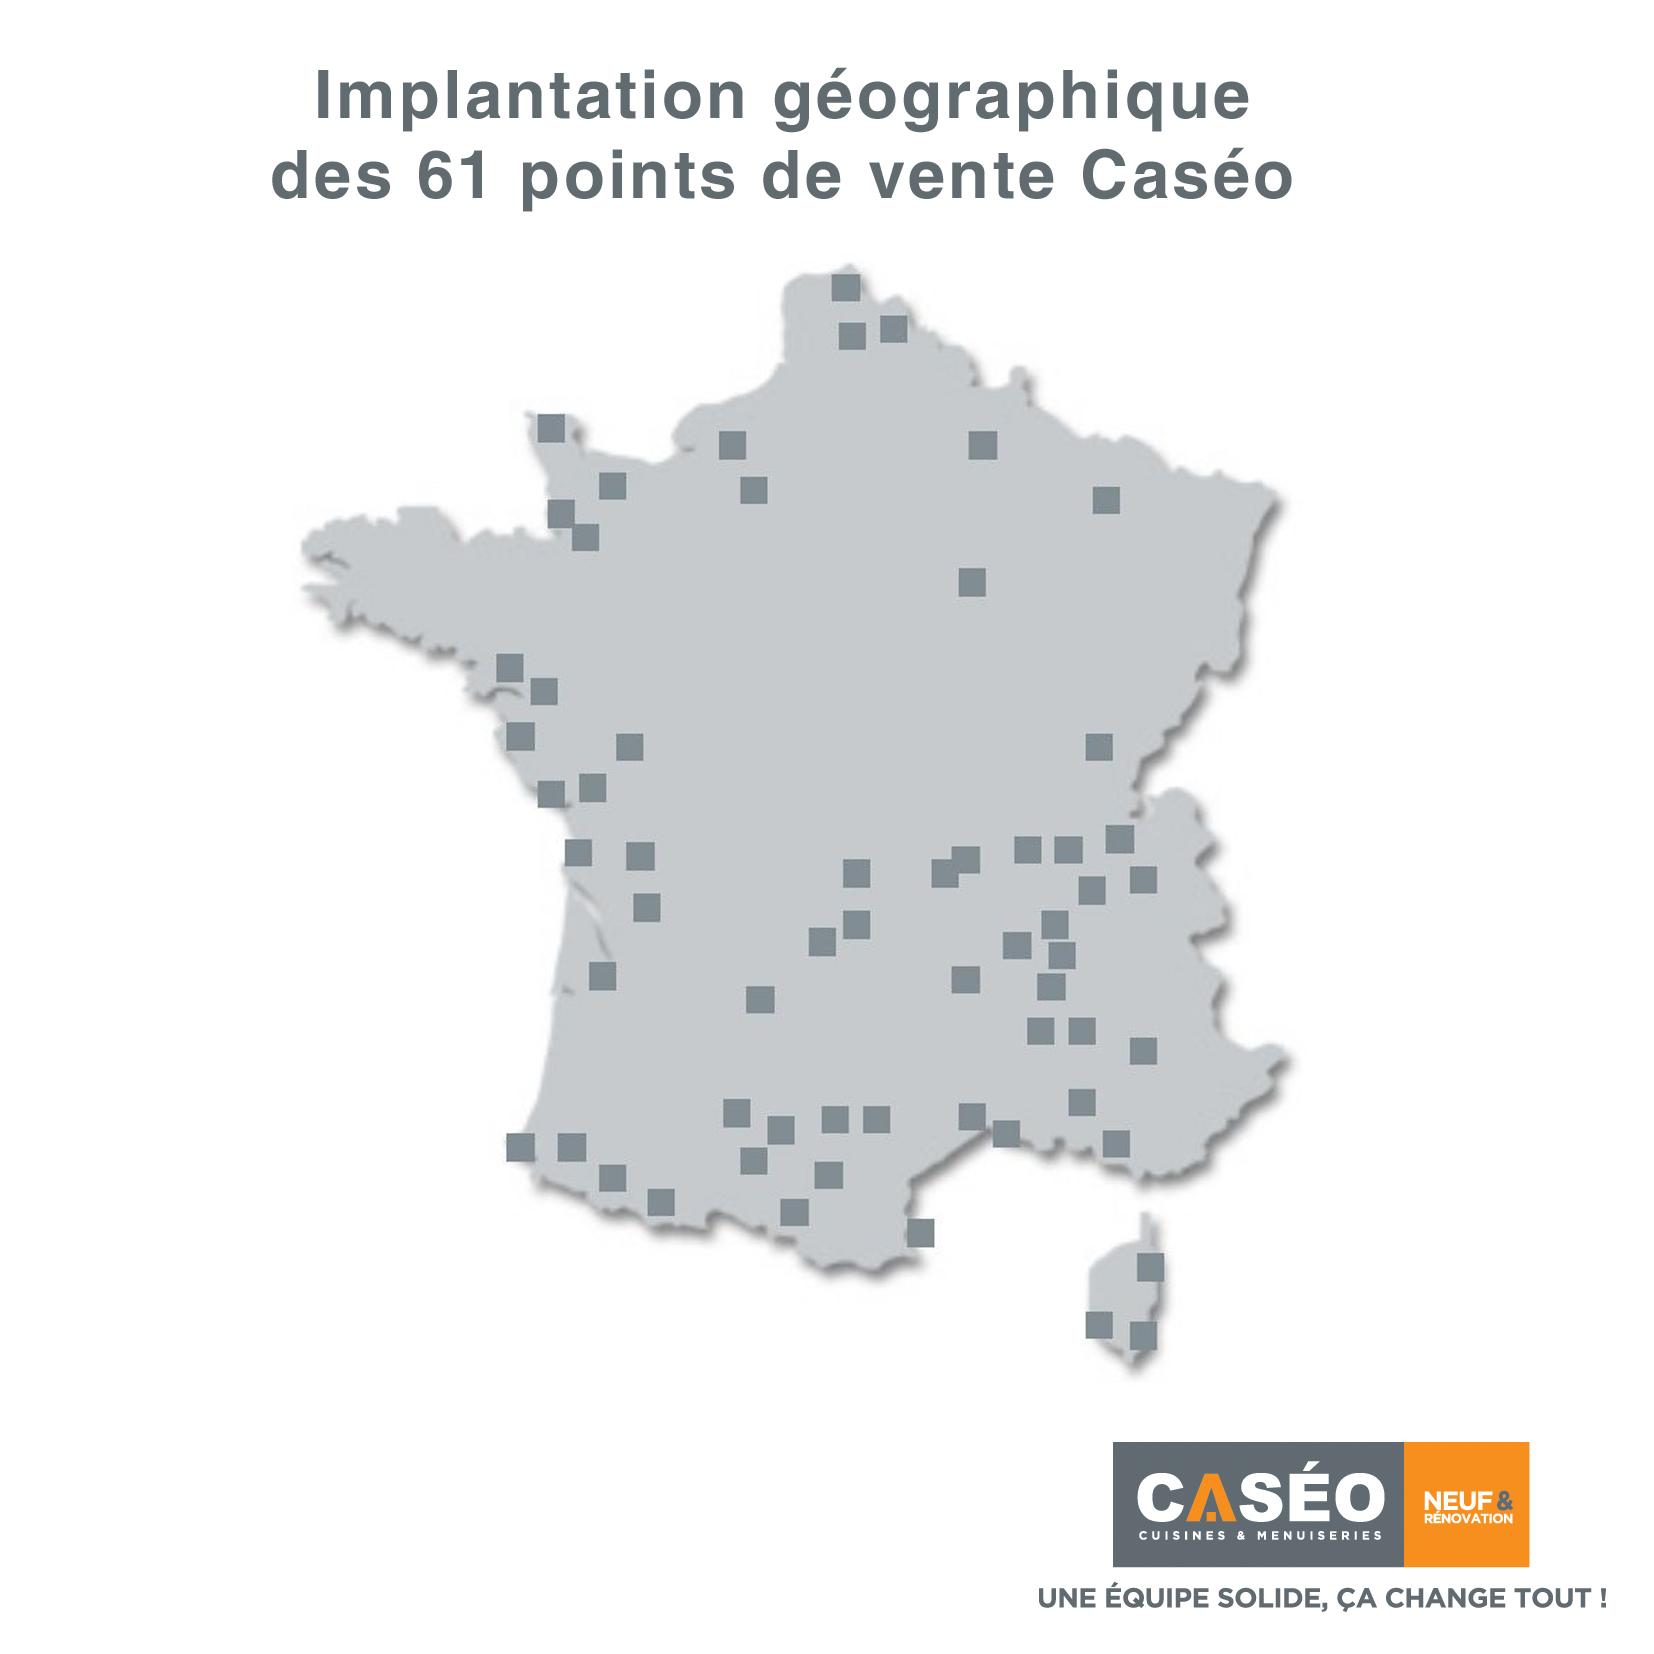 Menuiserie De France Merignac menuiseries - caseo - mba : bois et construction durable